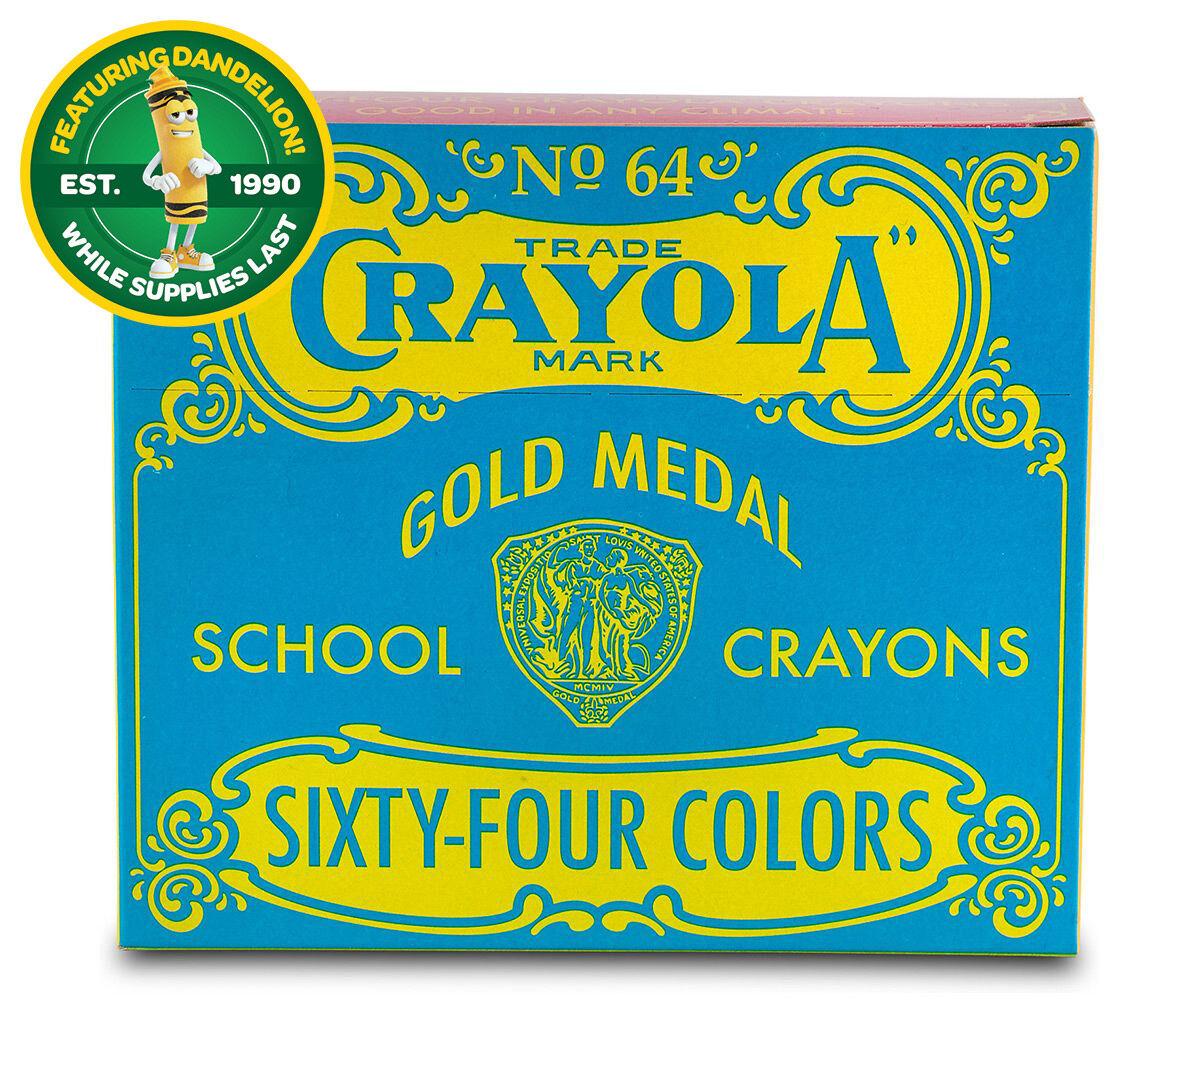 Pop Art Vintage Box of 64 Crayons - Crayola